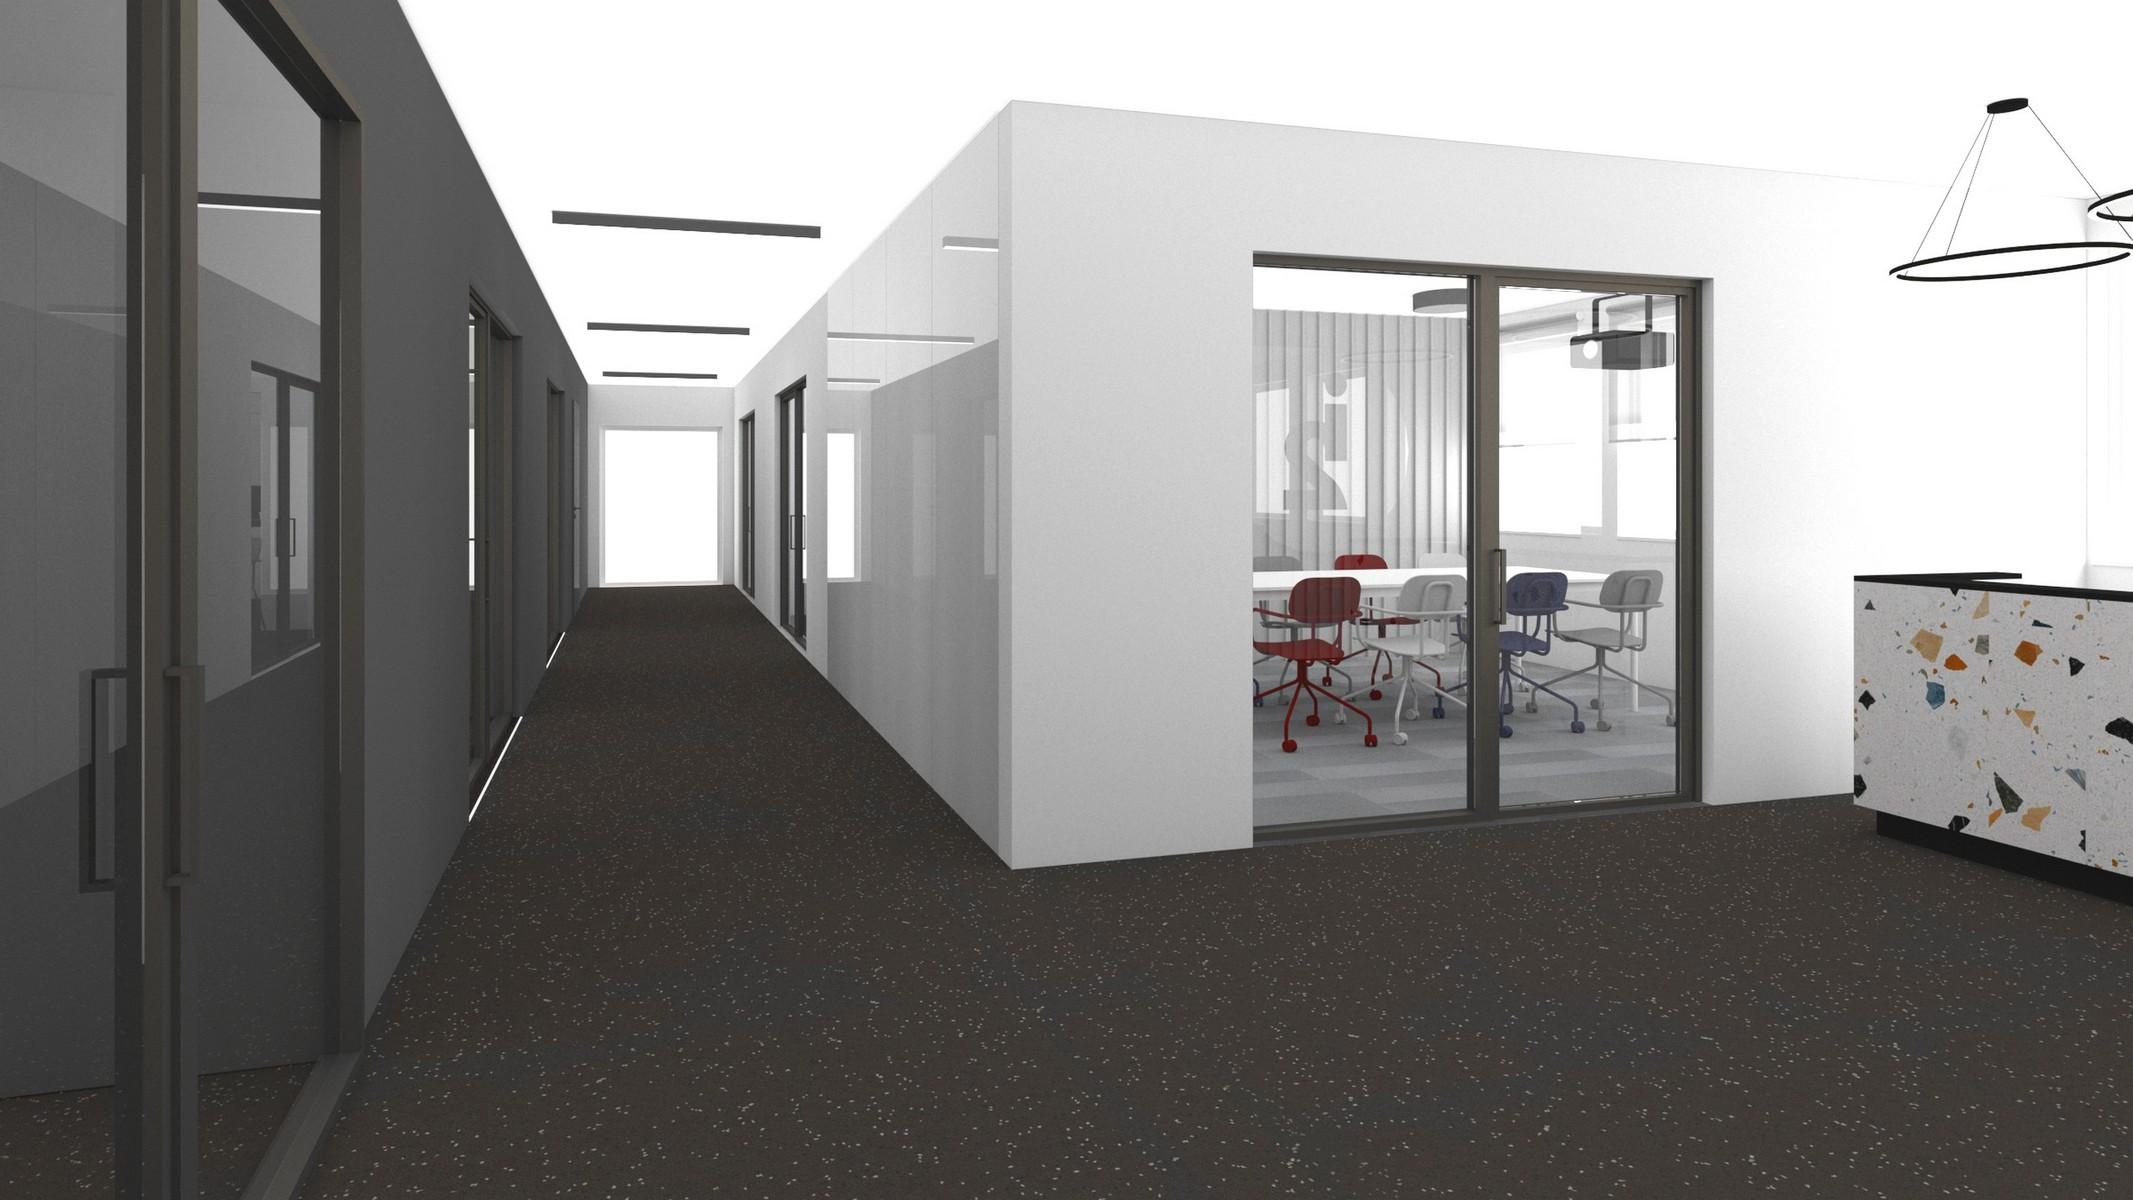 korytarz-i-recepcja-w-projektowanych-biurach-w-kolorach-bialo-szarych